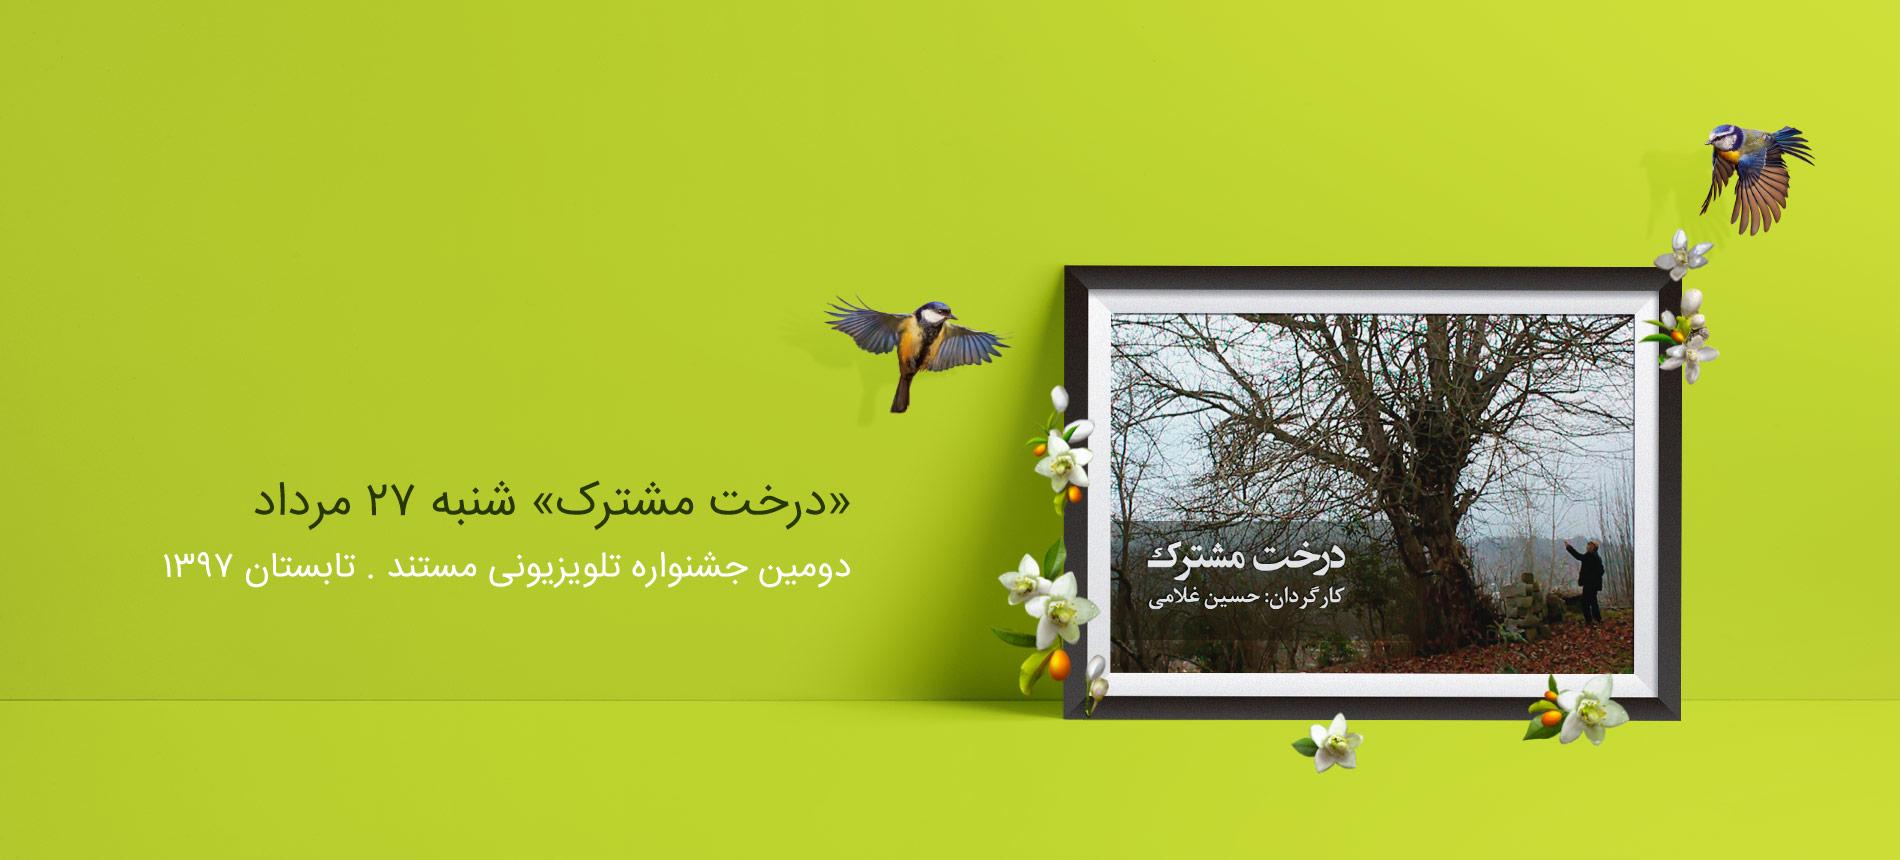 داستان جنجال بر سر «درخت مشترک» به روایت «حسین غلامی»